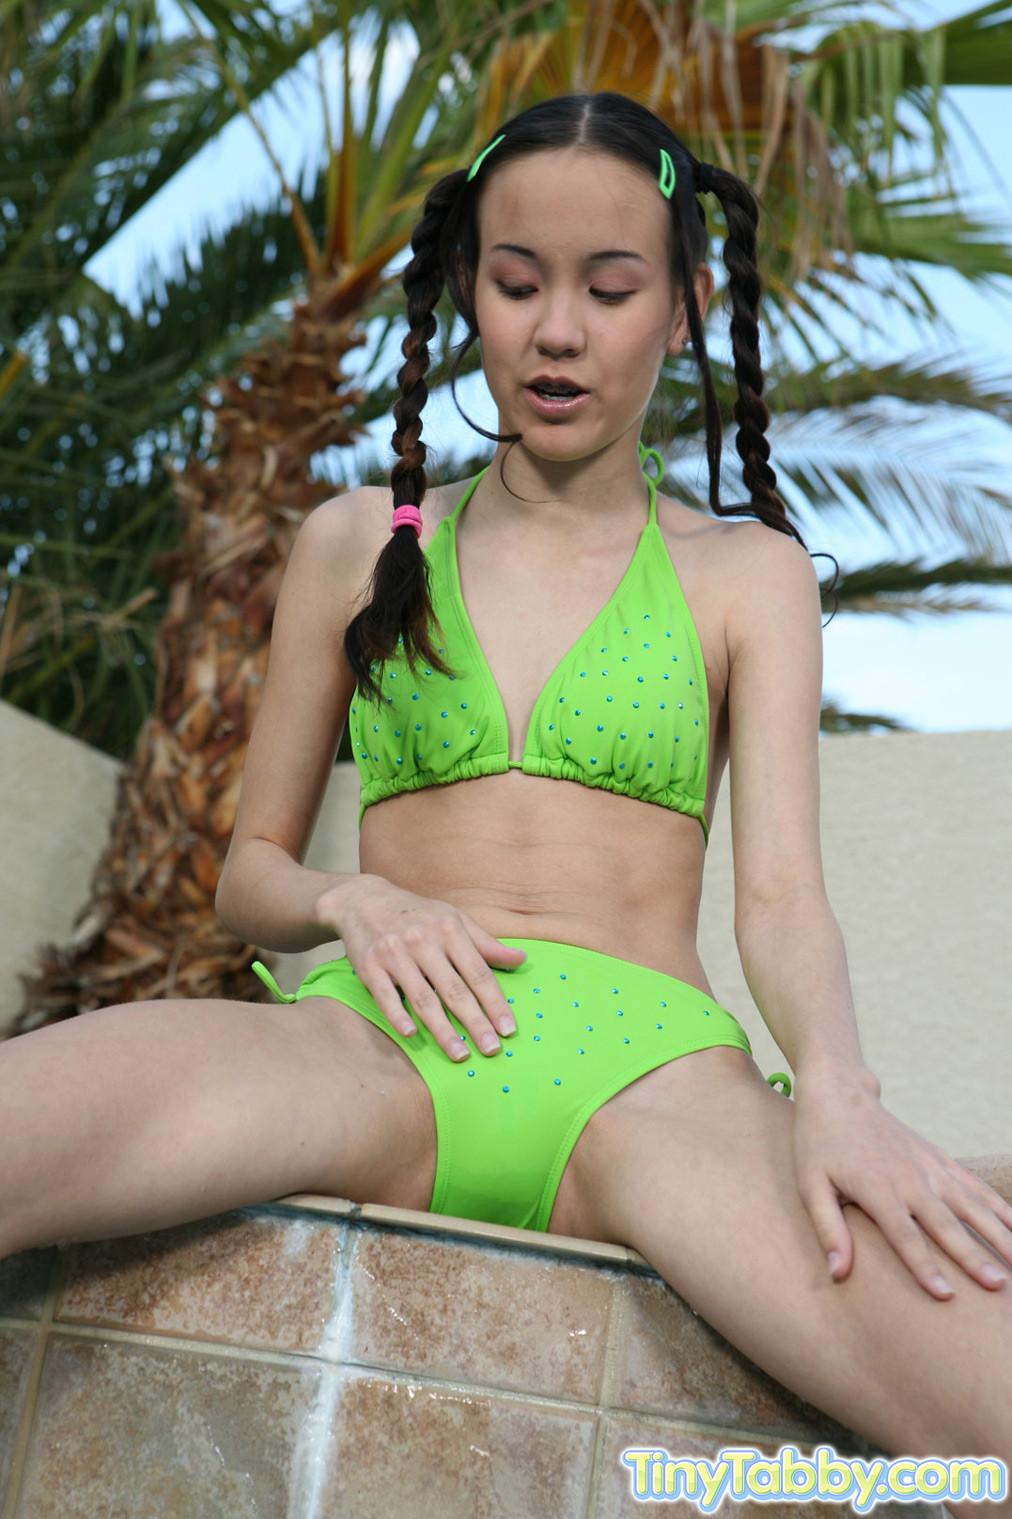 Amai Liu, Tiny Tabby - Соски - Галерея № 2964695